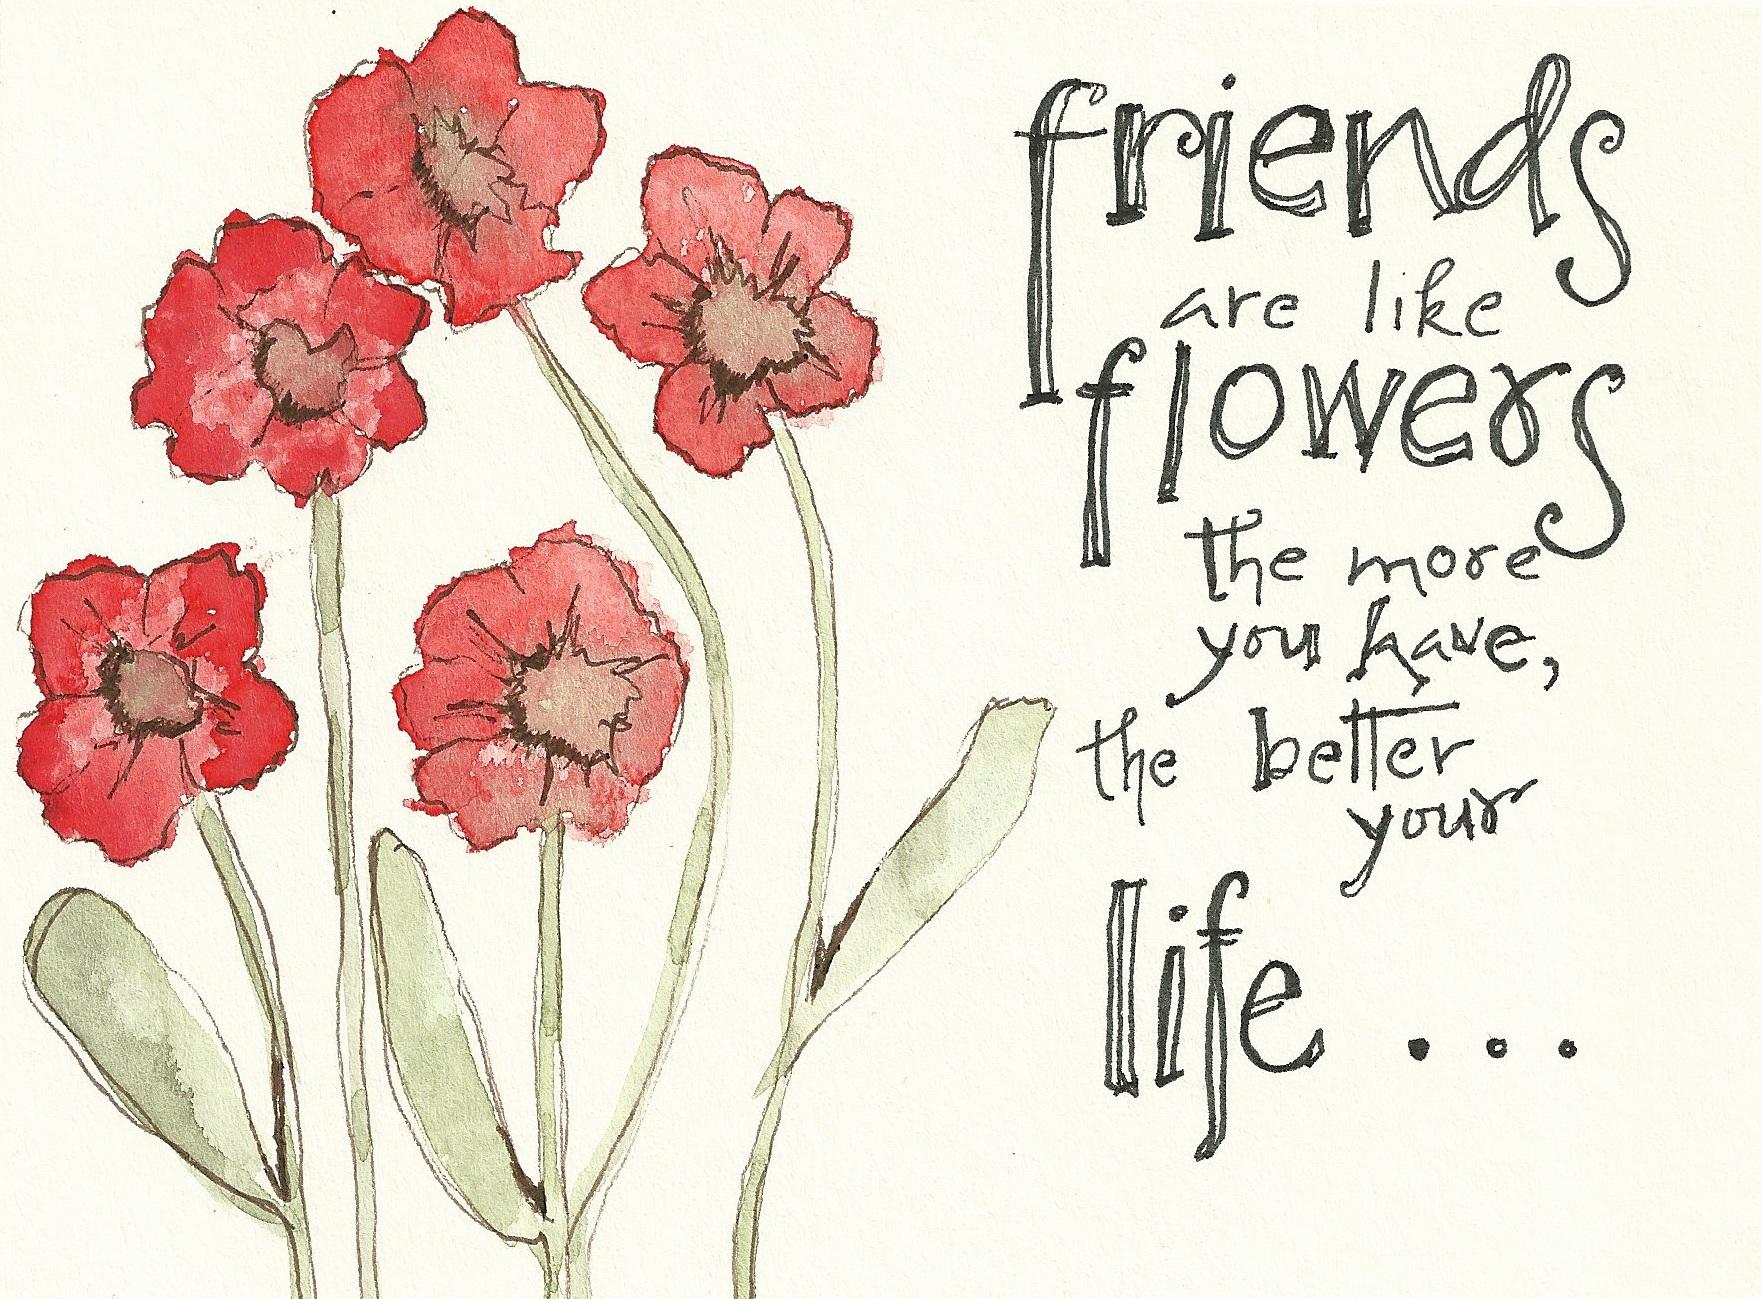 صورة حكمه عن الصديق , عبارات قيمة عن الصداقة 2101 8